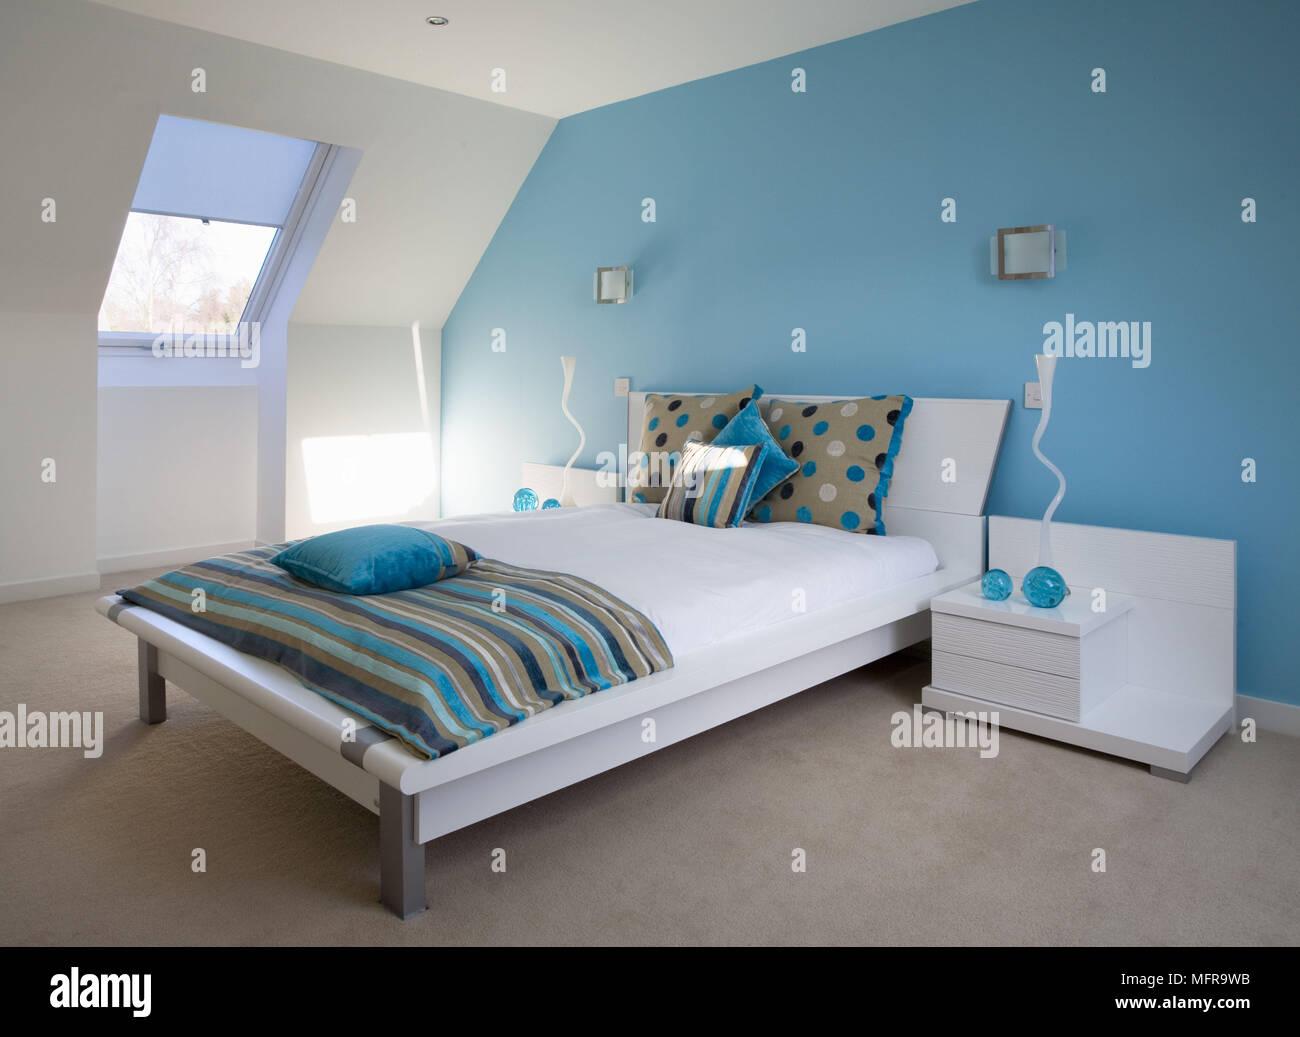 Illuminazione Camera Da Letto Contemporanea : Lampade sulle unità accanto a entrambi i lati del letto